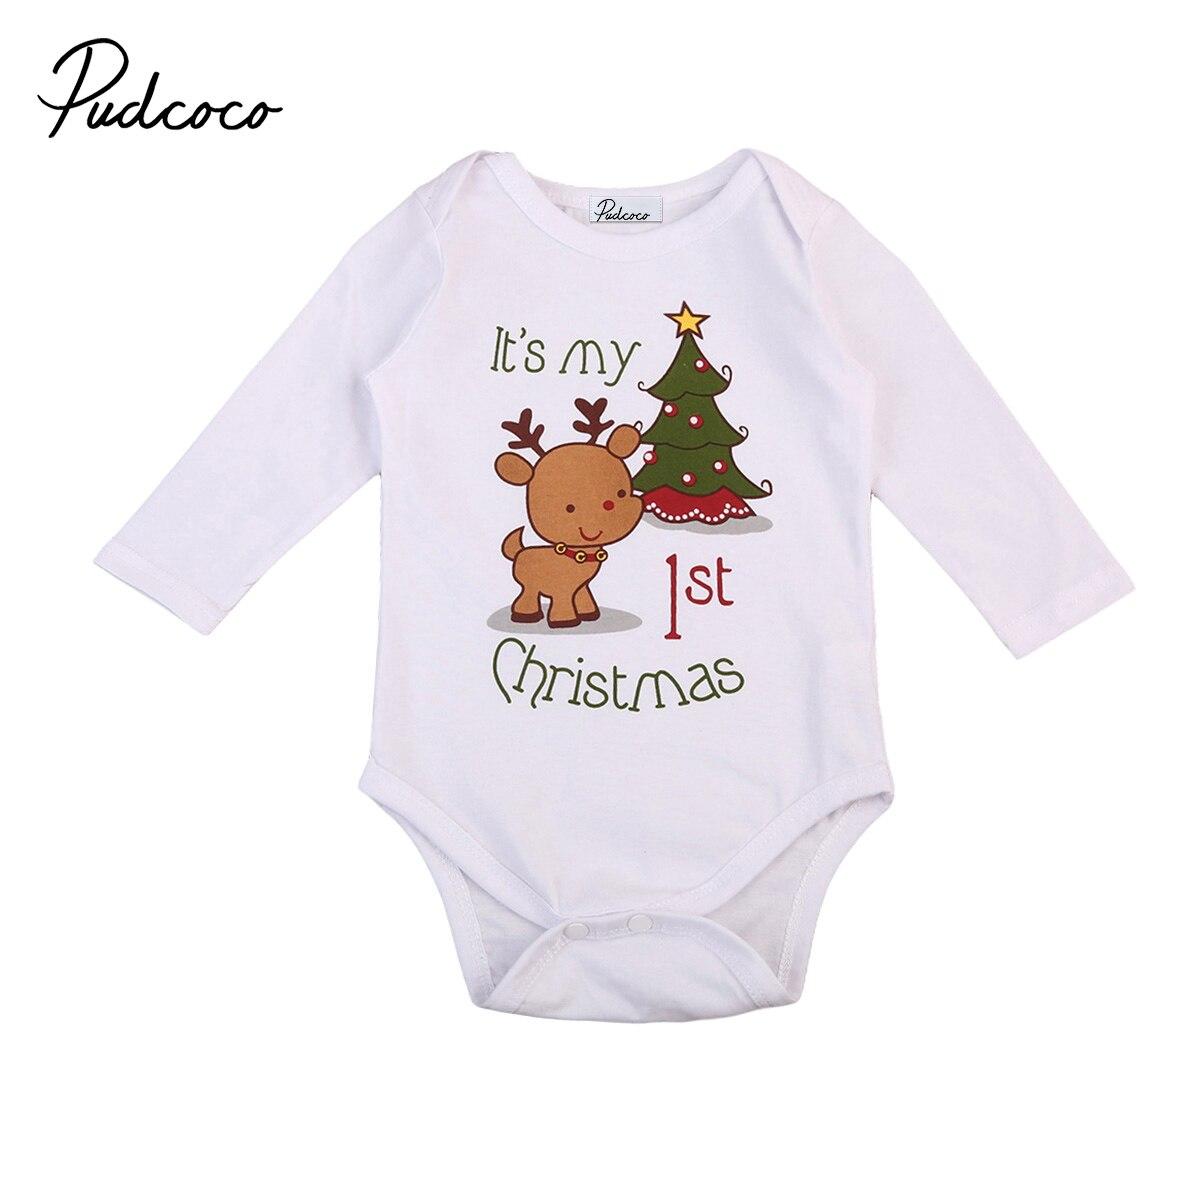 c6ebf2ec9 Newborn Baby Boys Girl Christmas Rompers Long Sleeve Deer Romper ...